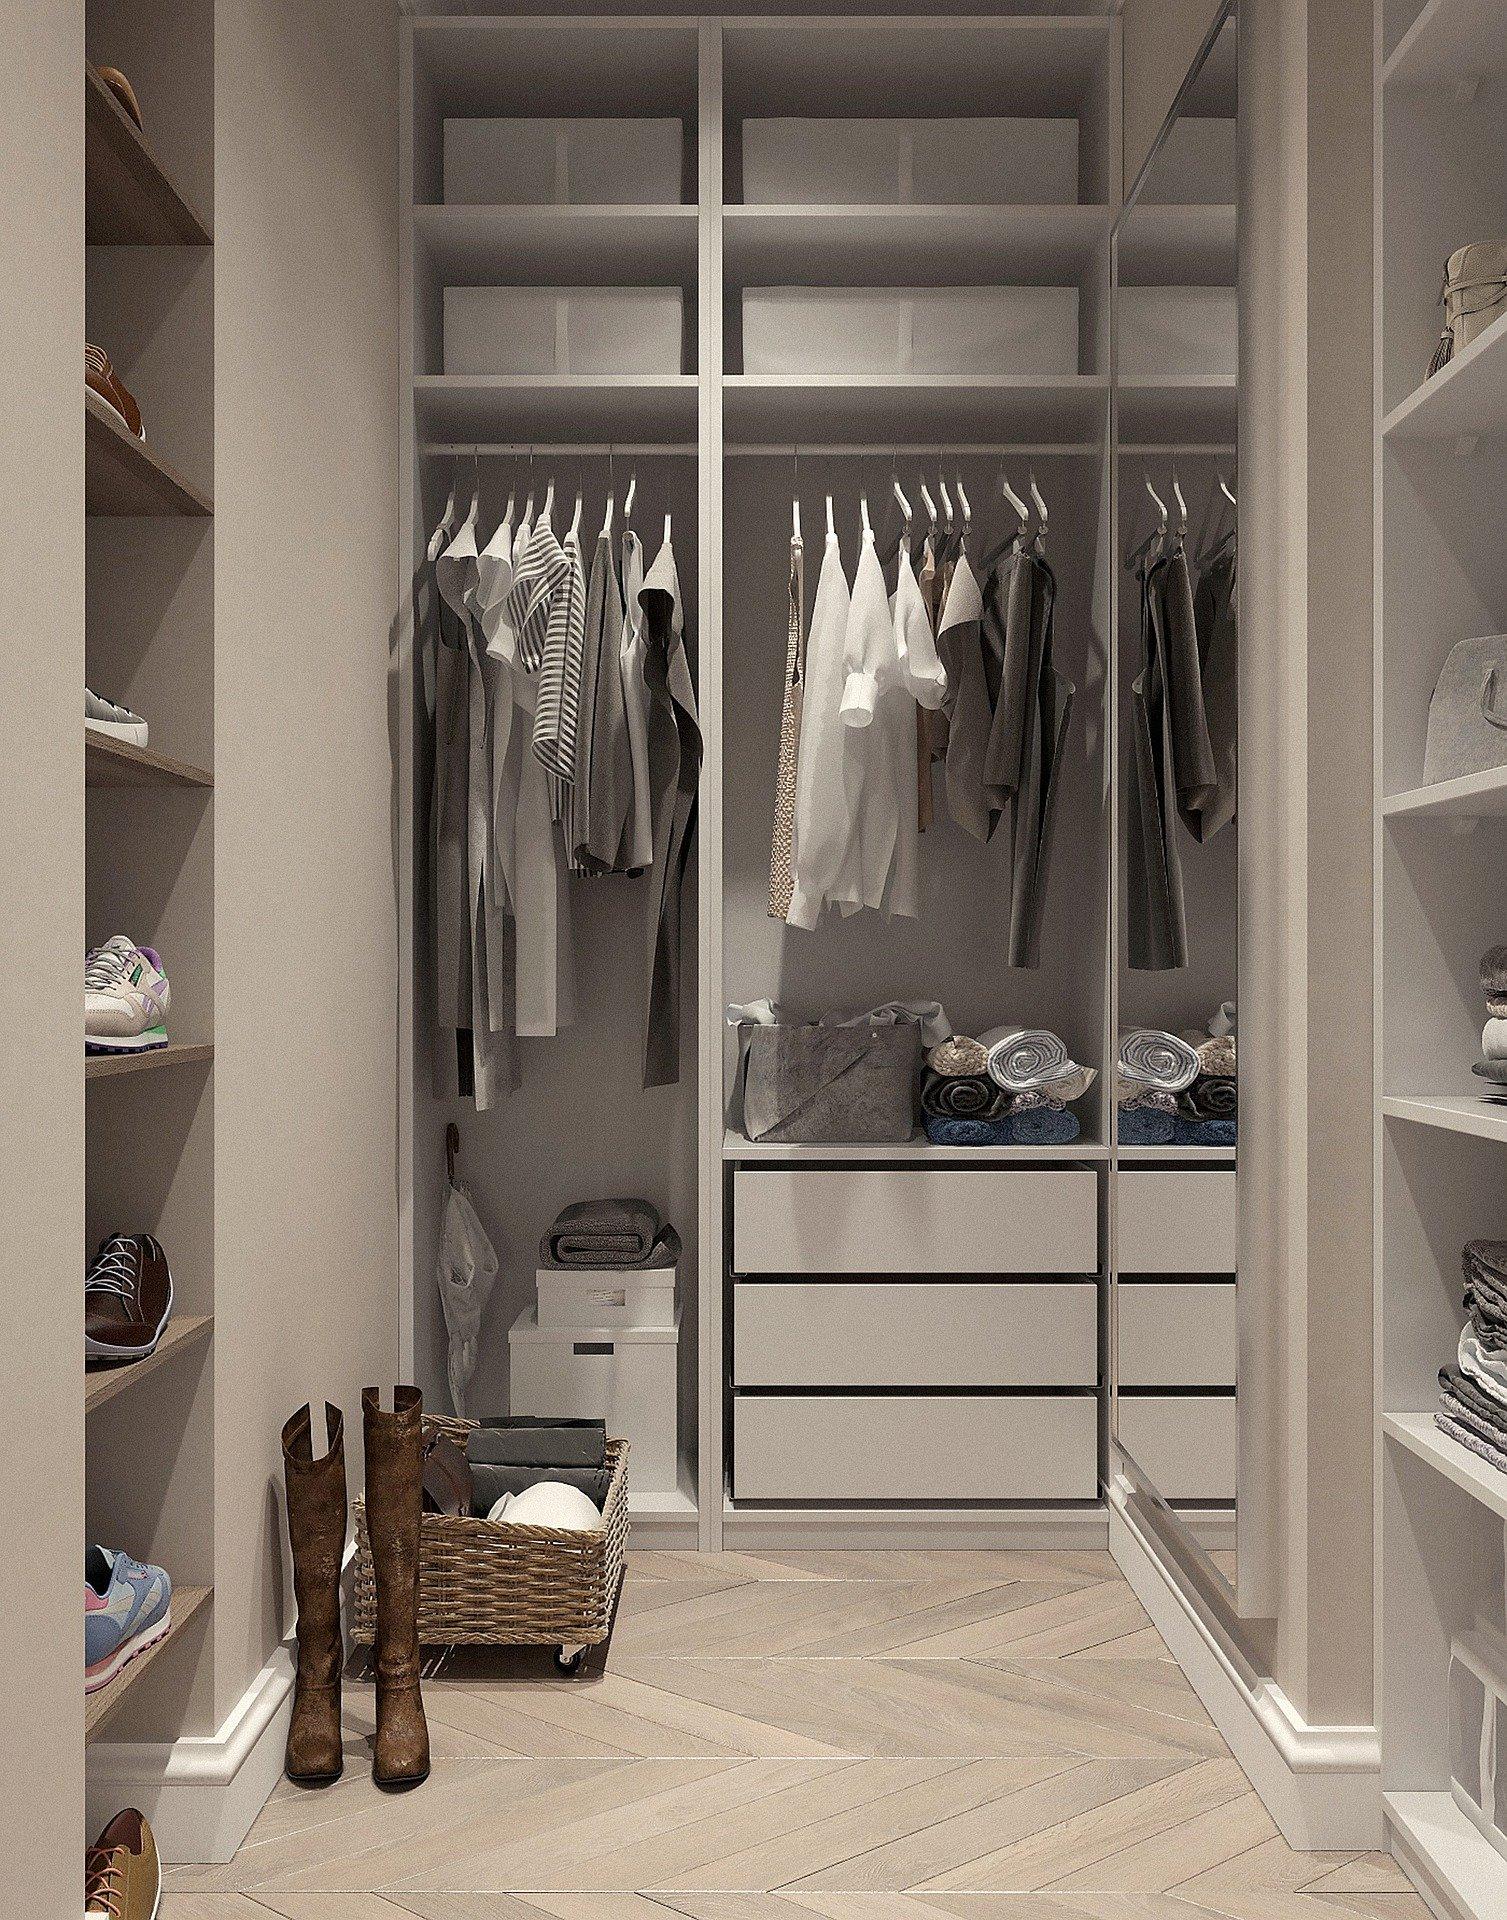 סידור ארונות בגדים בשיטת מארי קונדו